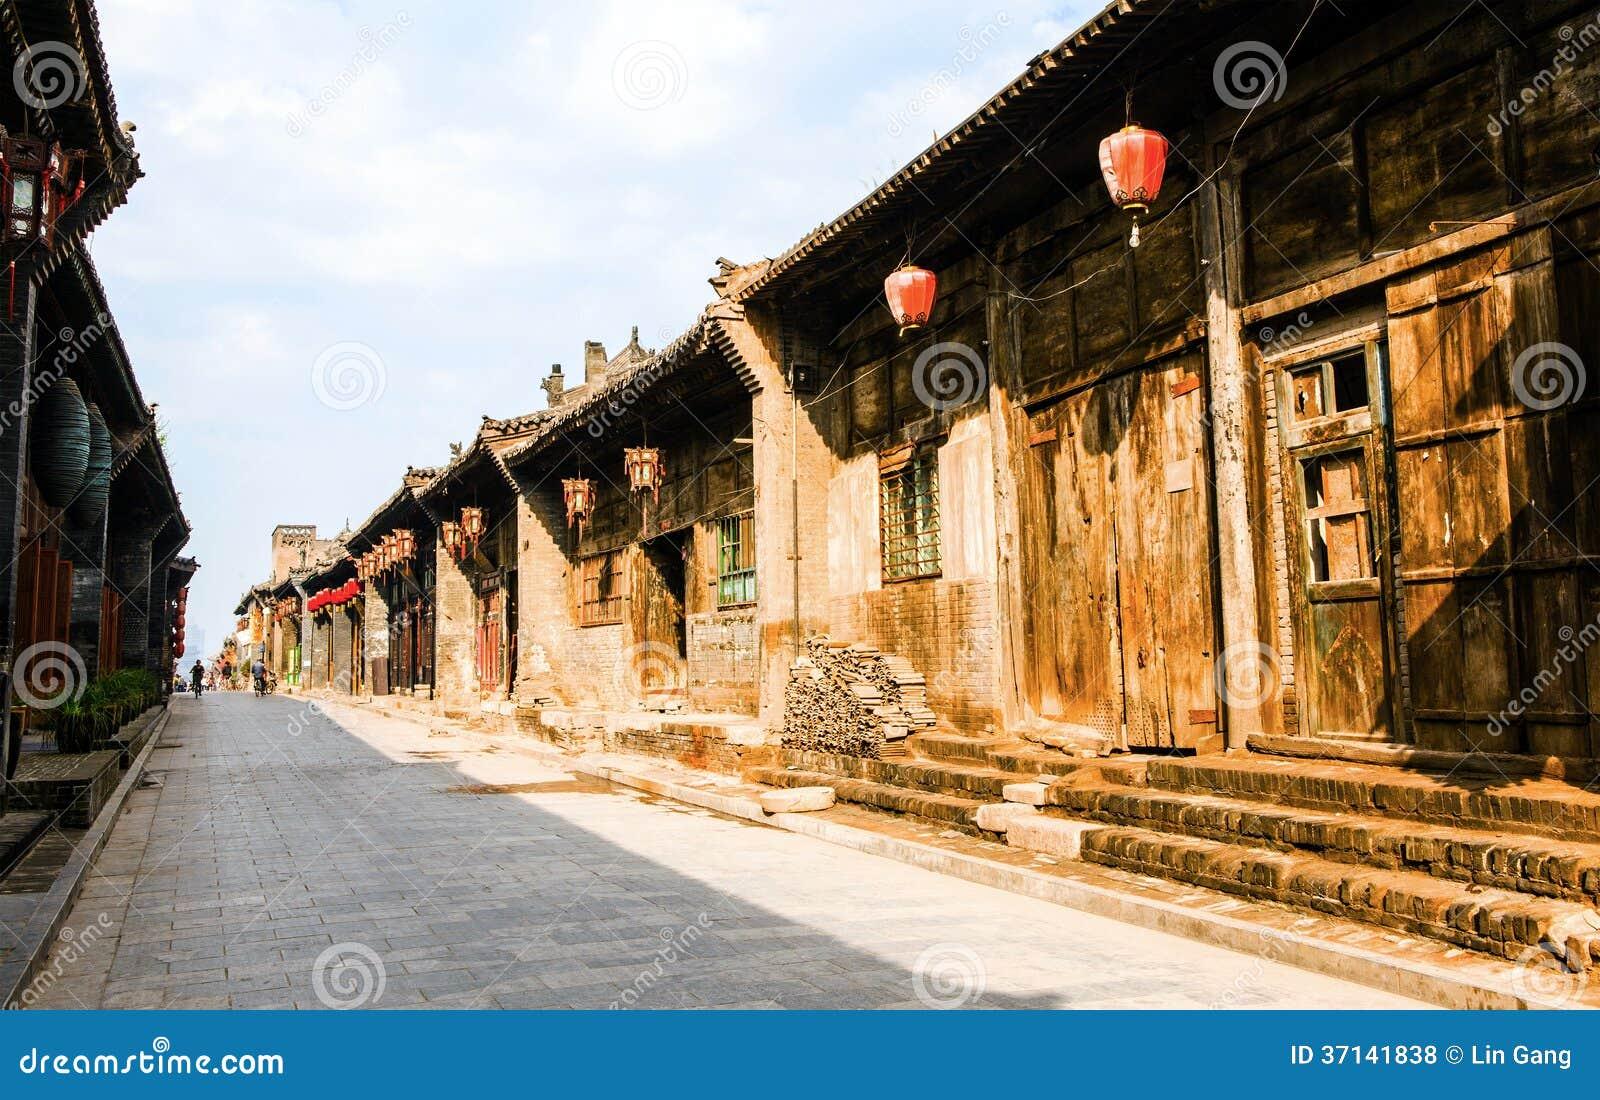 Pingyao plats-Folk hus och gator